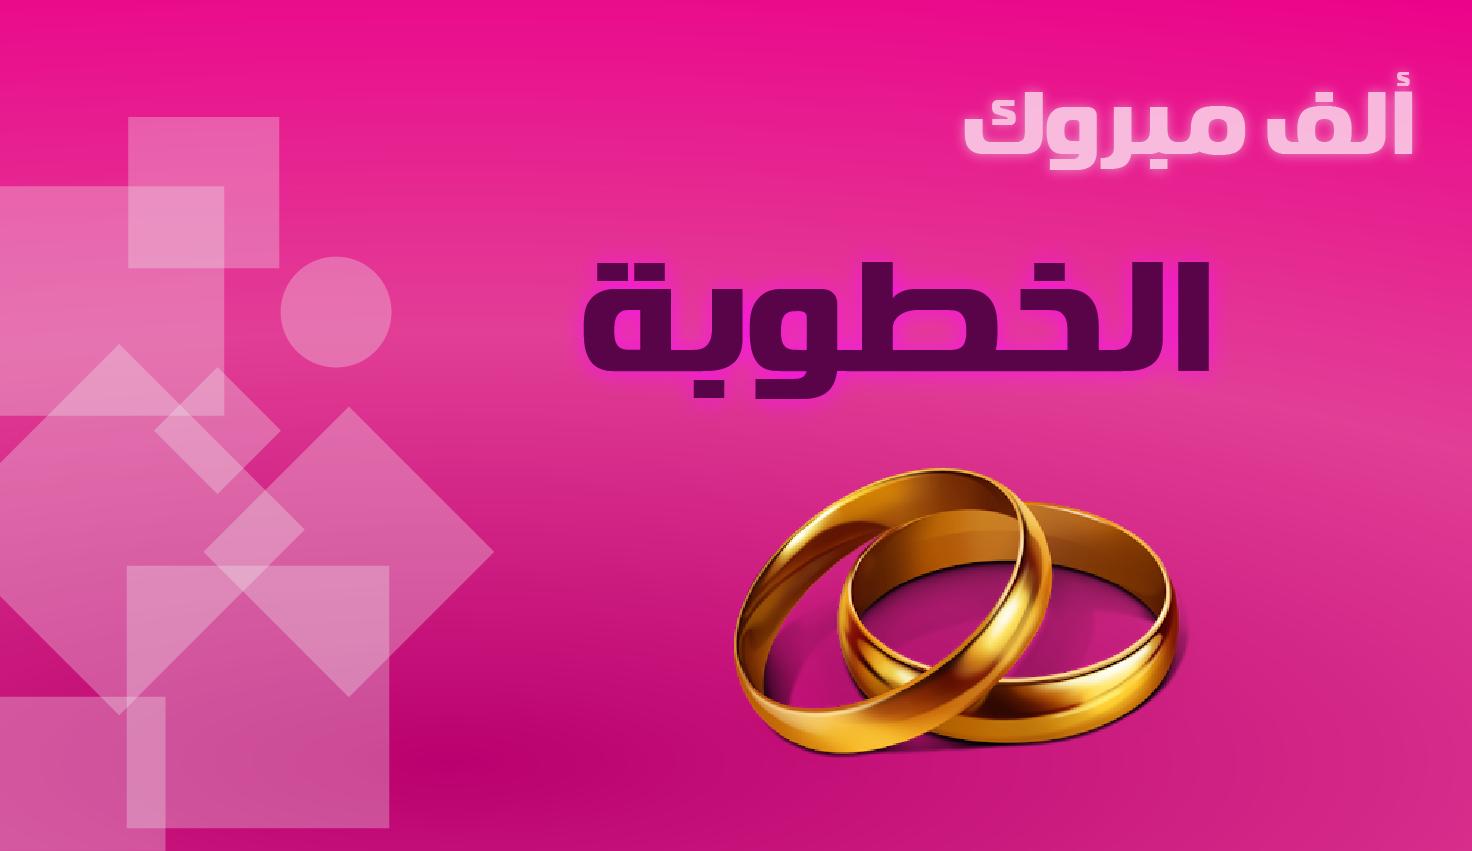 عبارات تهنئة خطوبة بطاقات مباركه عليه اجمل الكلمات صور حزينه